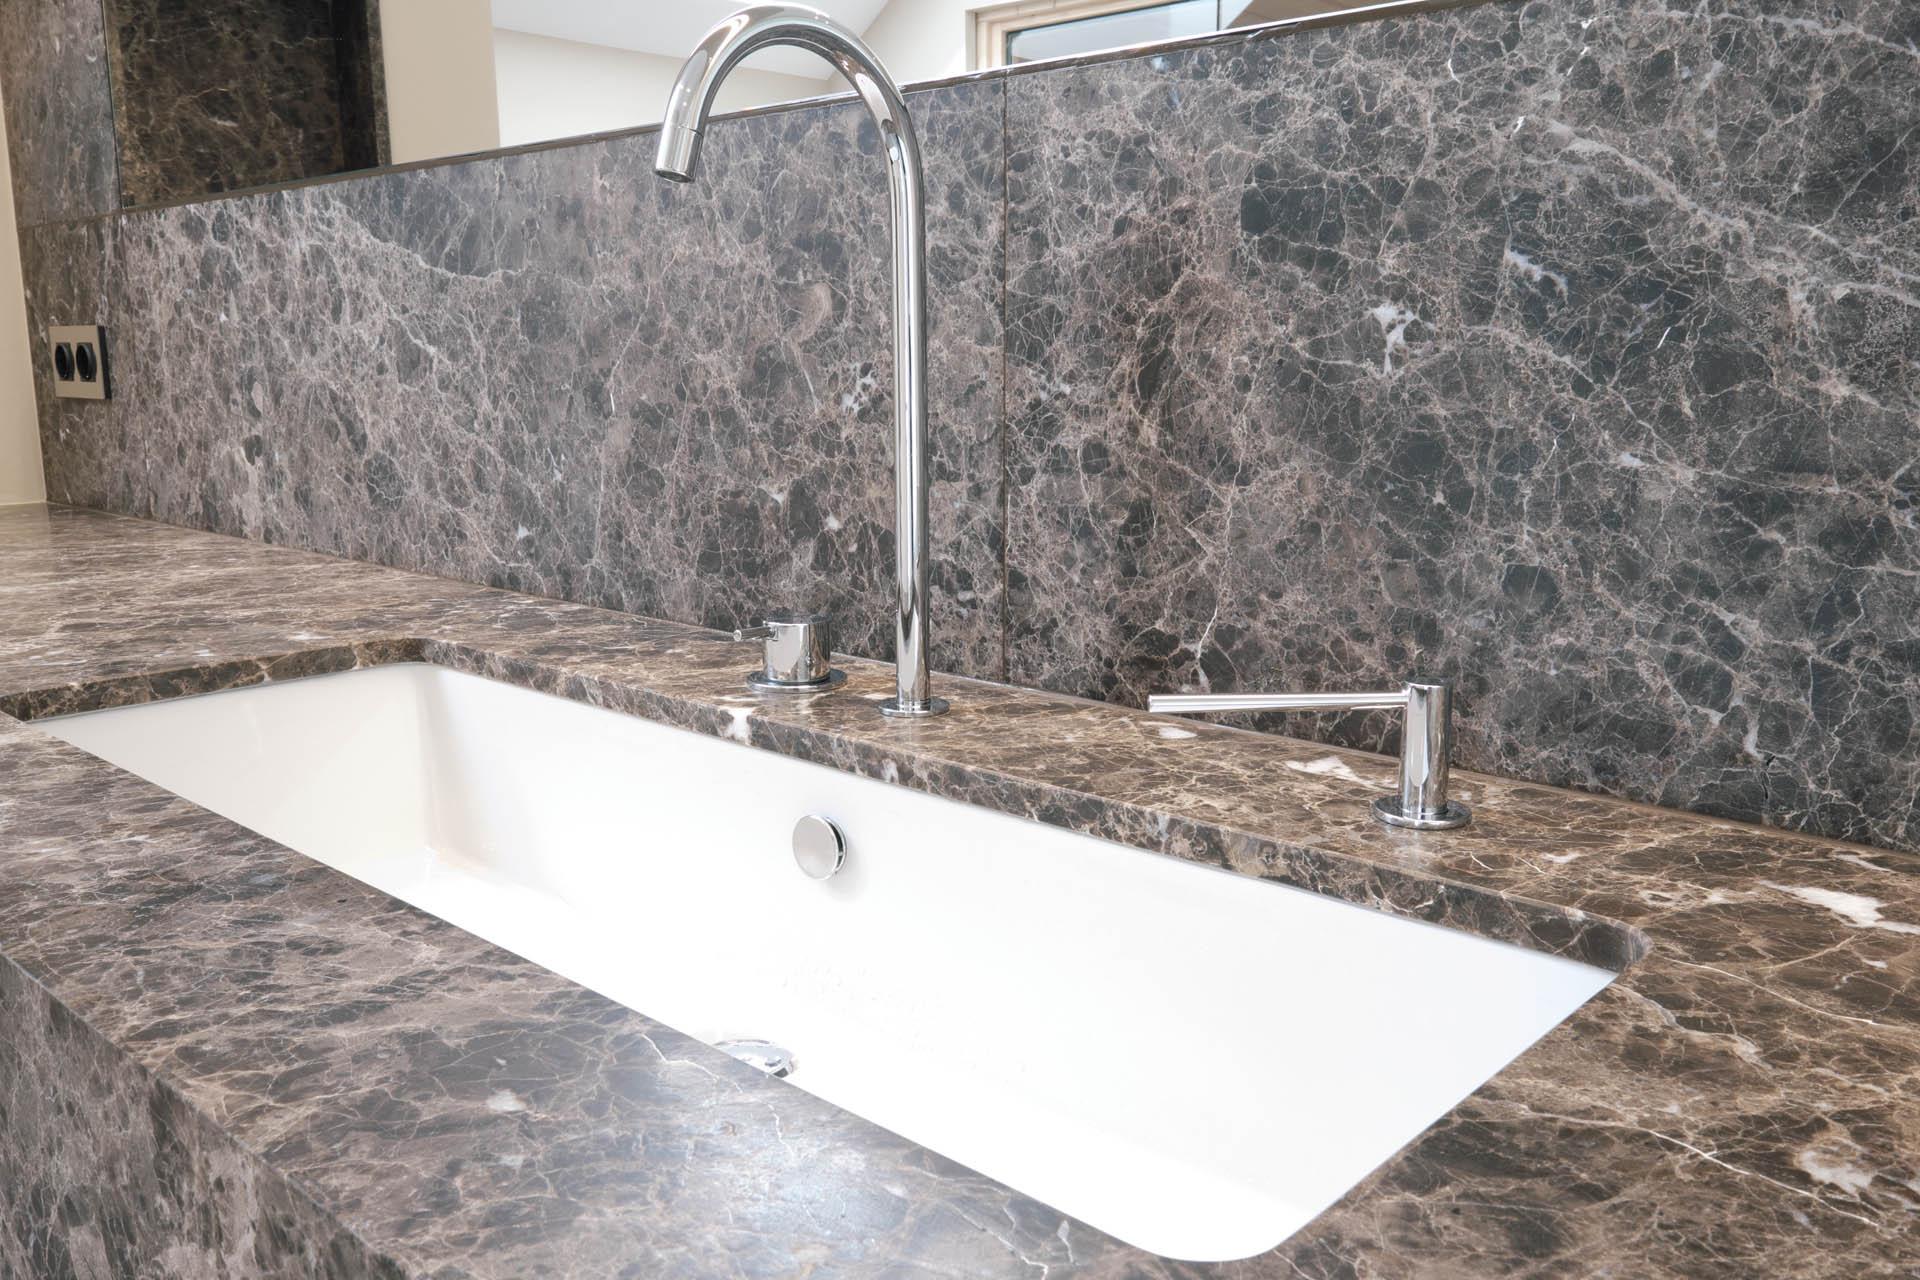 Badezimmer Waschtisch aus braunem Marmor mit Vola Armaturen